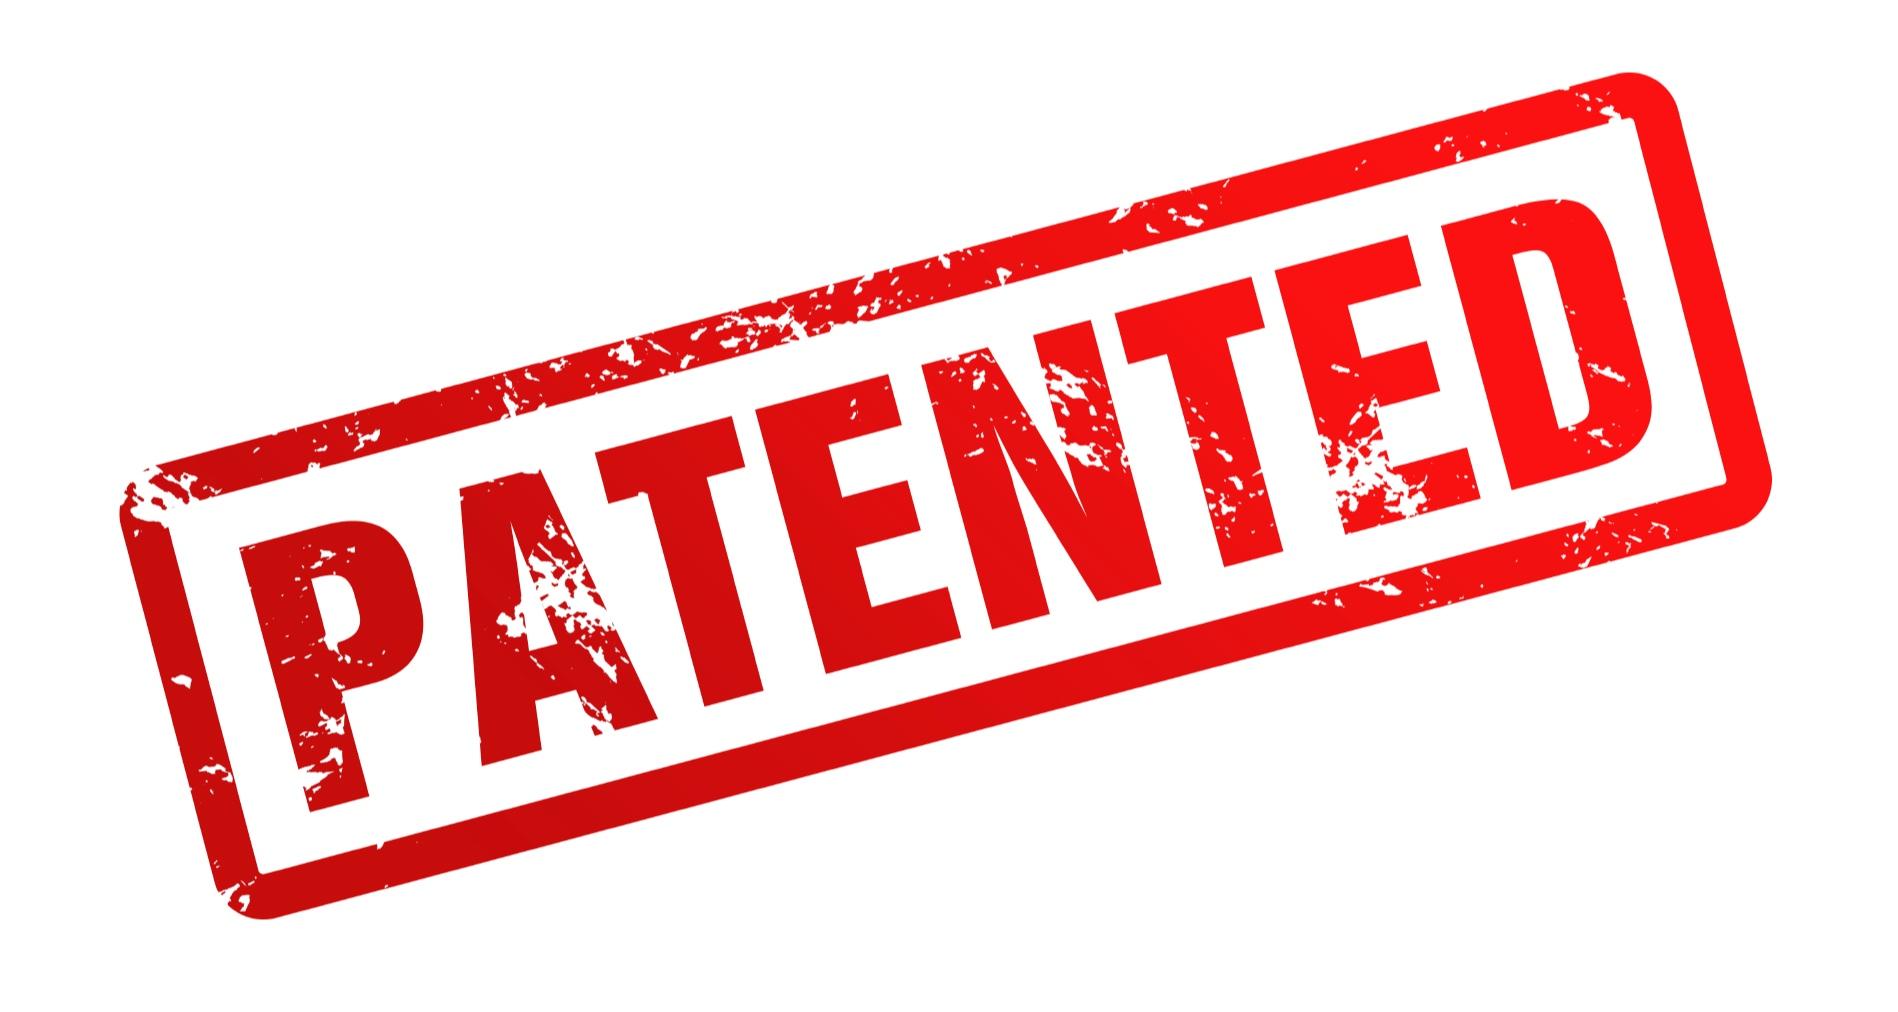 01.01.18+patented+image.jpg